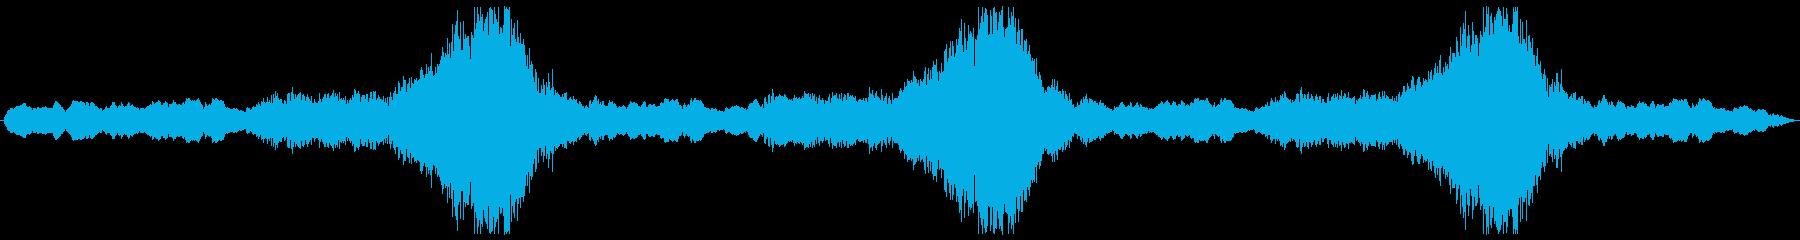 不穏なクレシェンドのあるBGSの再生済みの波形